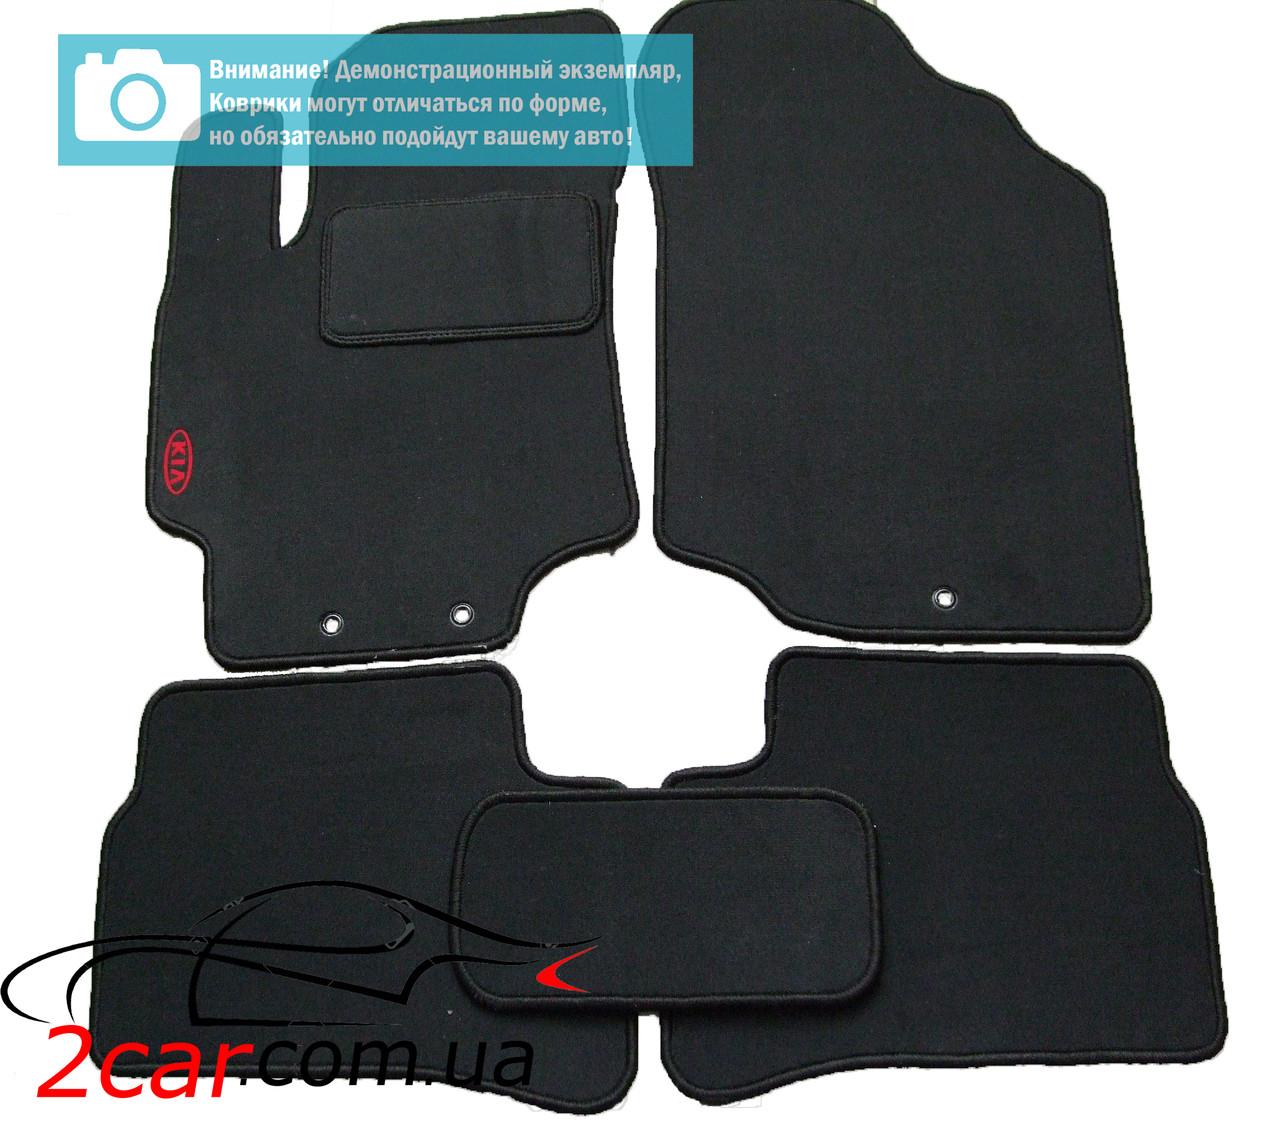 Текстильные коврики в салон для Volkswagen Passat B5 (1996-2005) (чёрный) (StingrayUA)